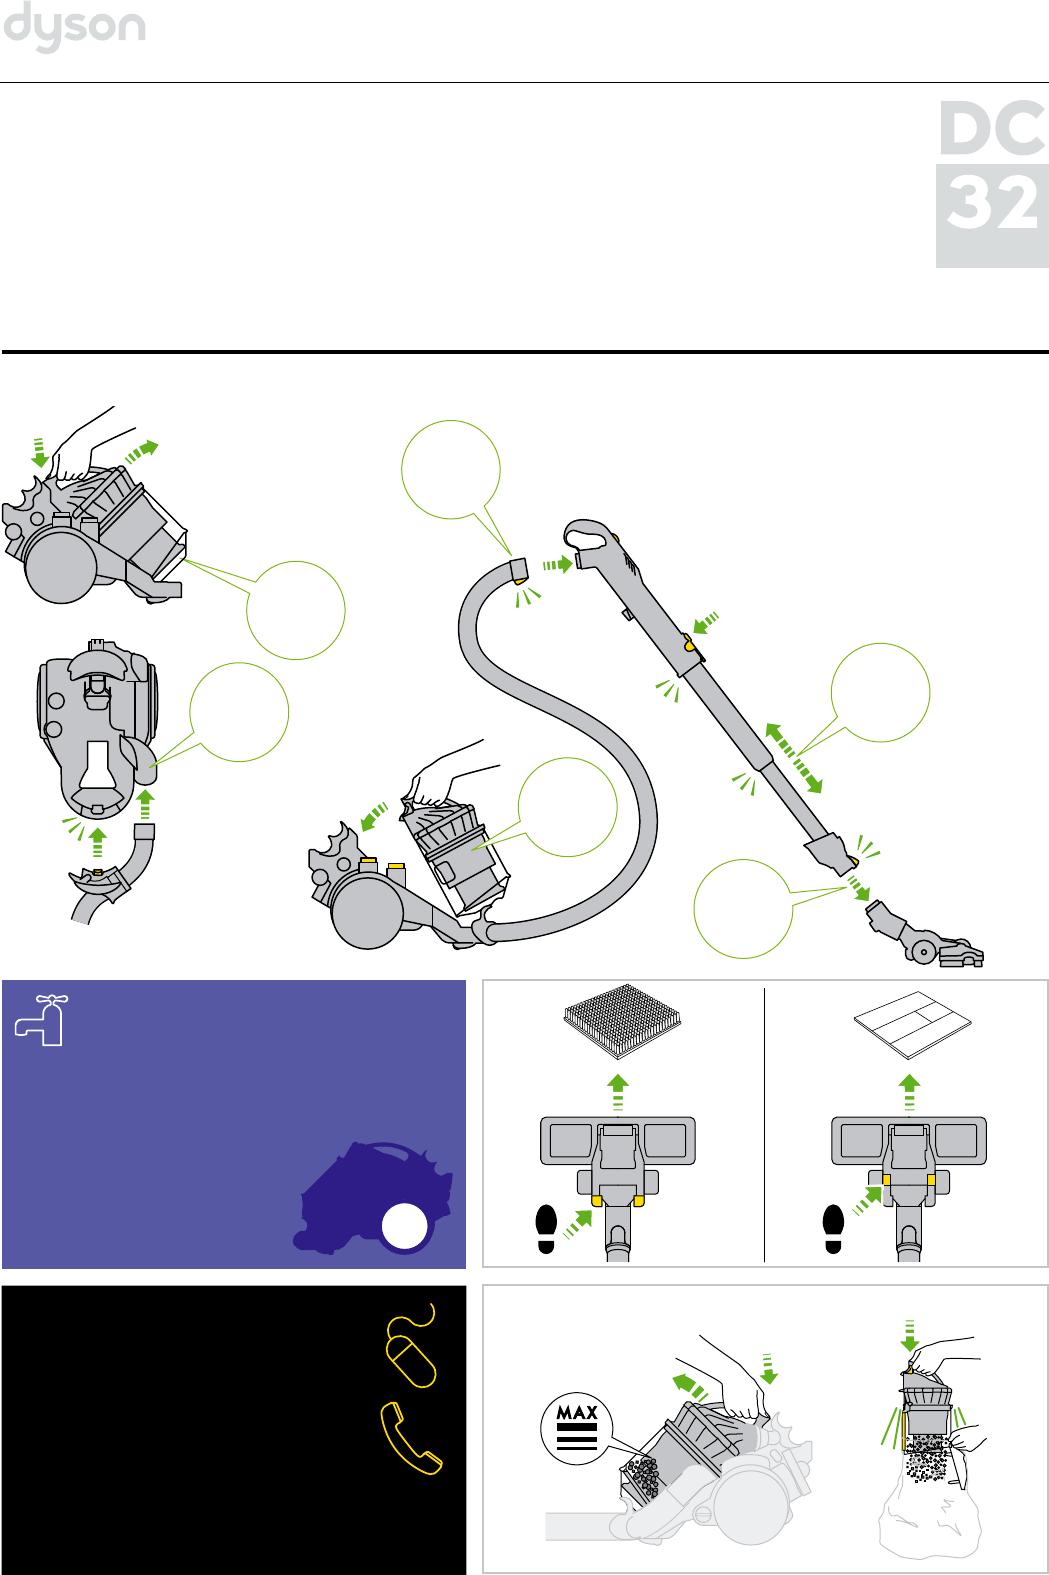 Дайсон 32 пылесос инструкция dyson airblade db ав 14 grey